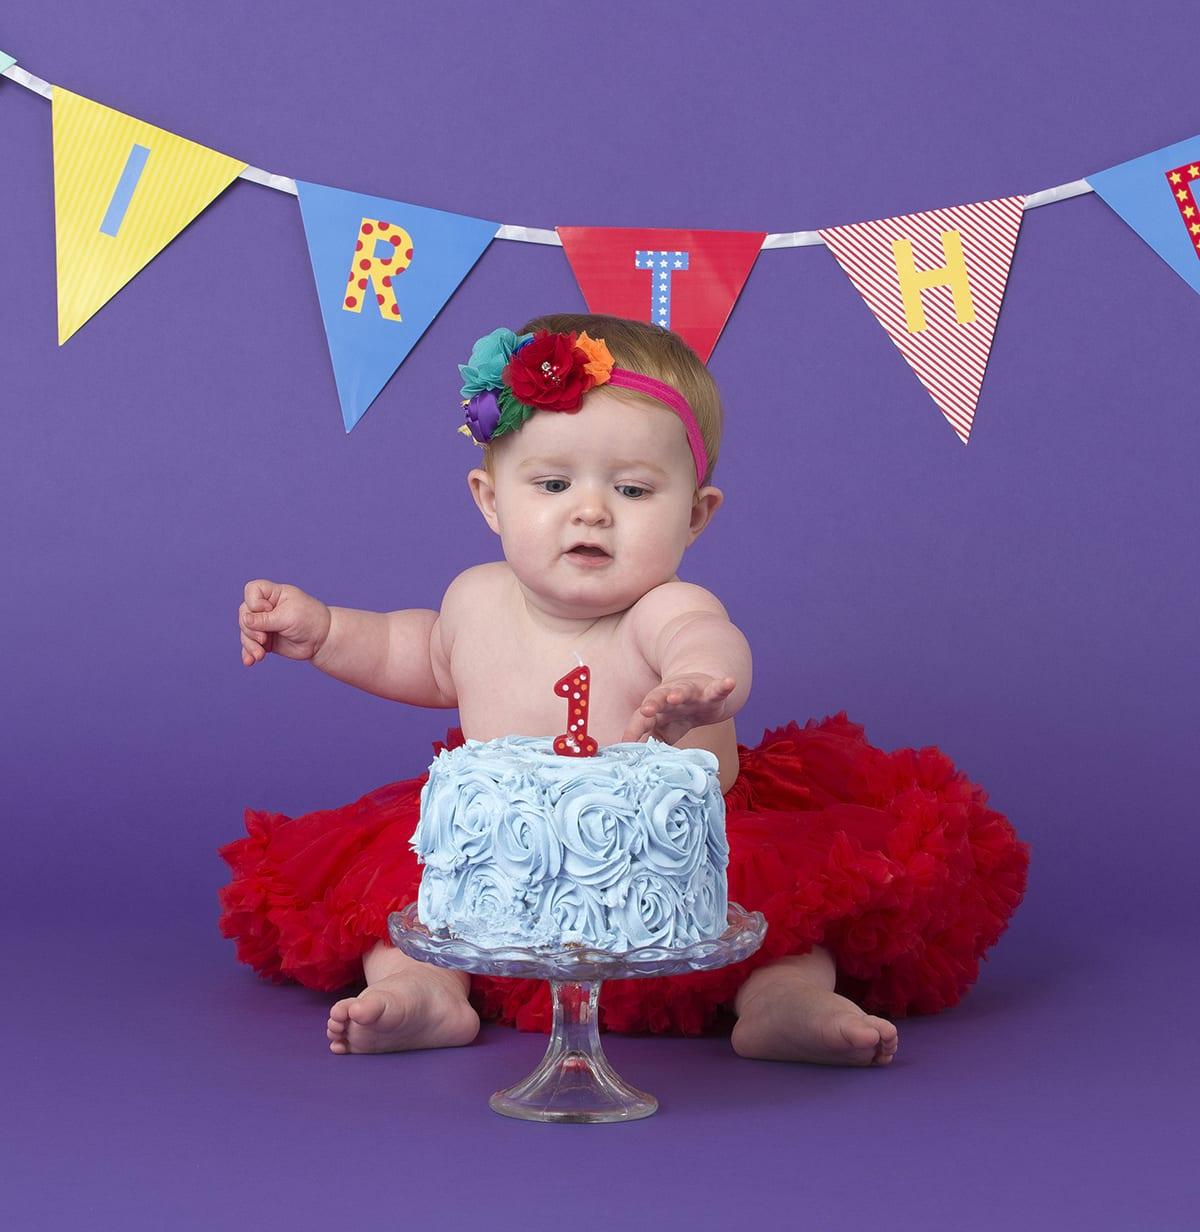 cake-smash-photos-twofrontteeth03